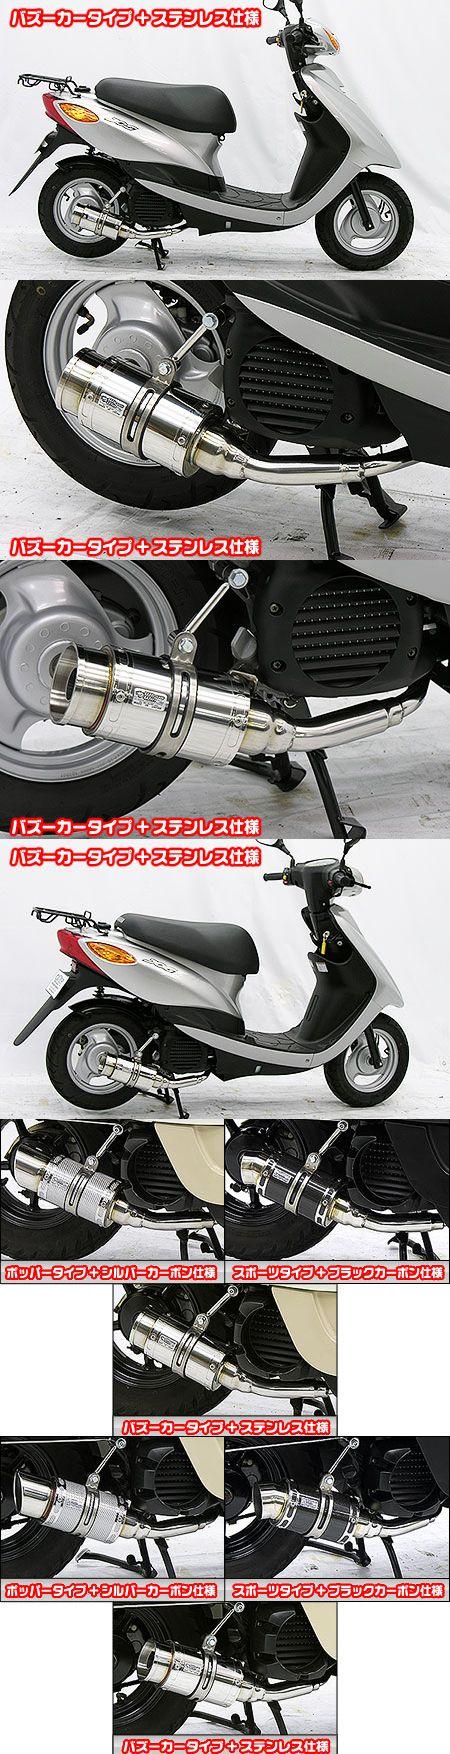 【WirusWin】Tiger auto聯名款 Fat Bomber全段排氣管 Spotrs型 不鏽鋼款式 - 「Webike-摩托百貨」